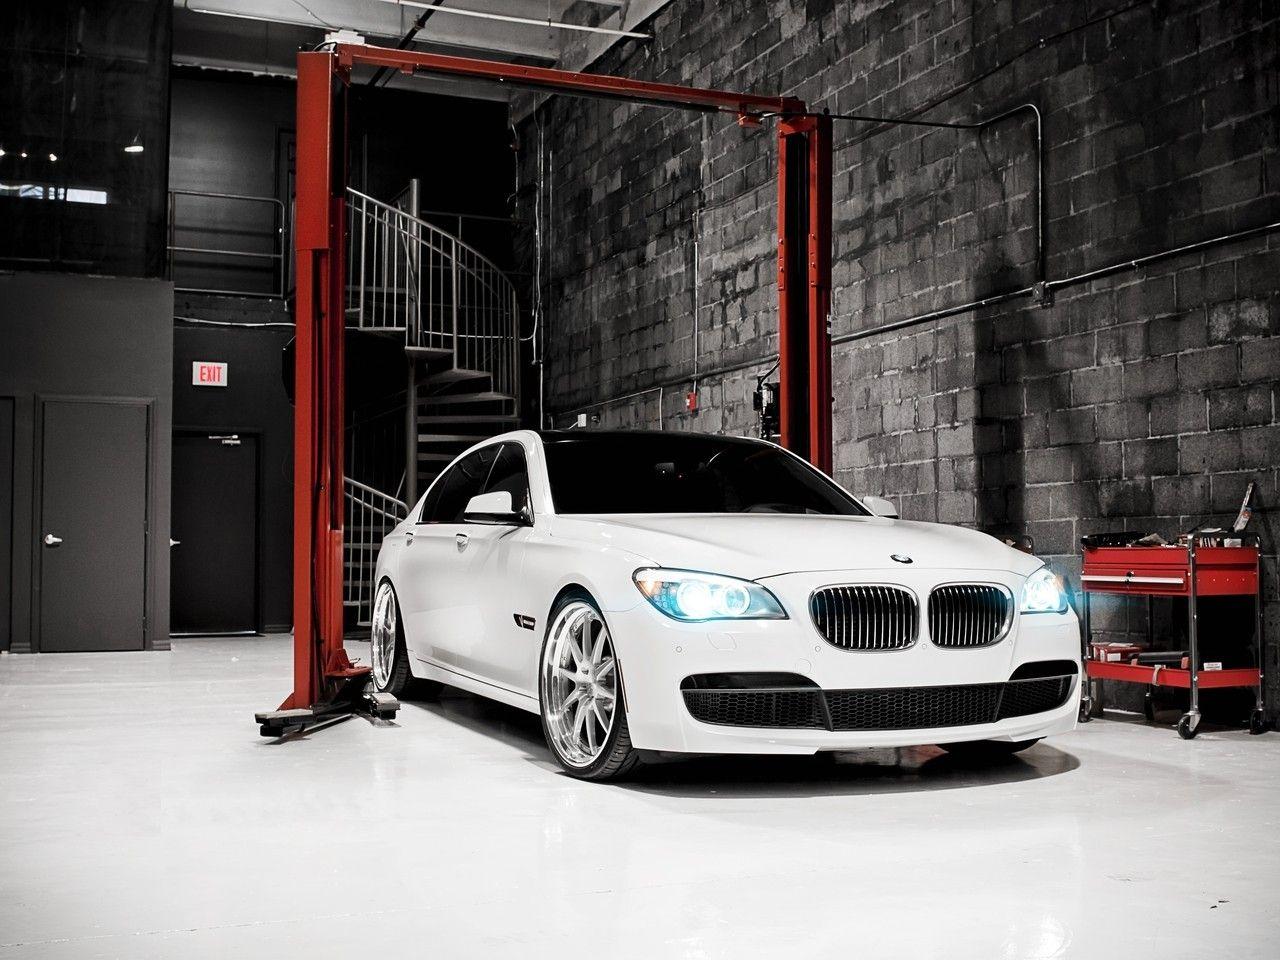 Bmw Cars Grayscale Bmw 7 Series Garage Bmw F01 F02 1280x960